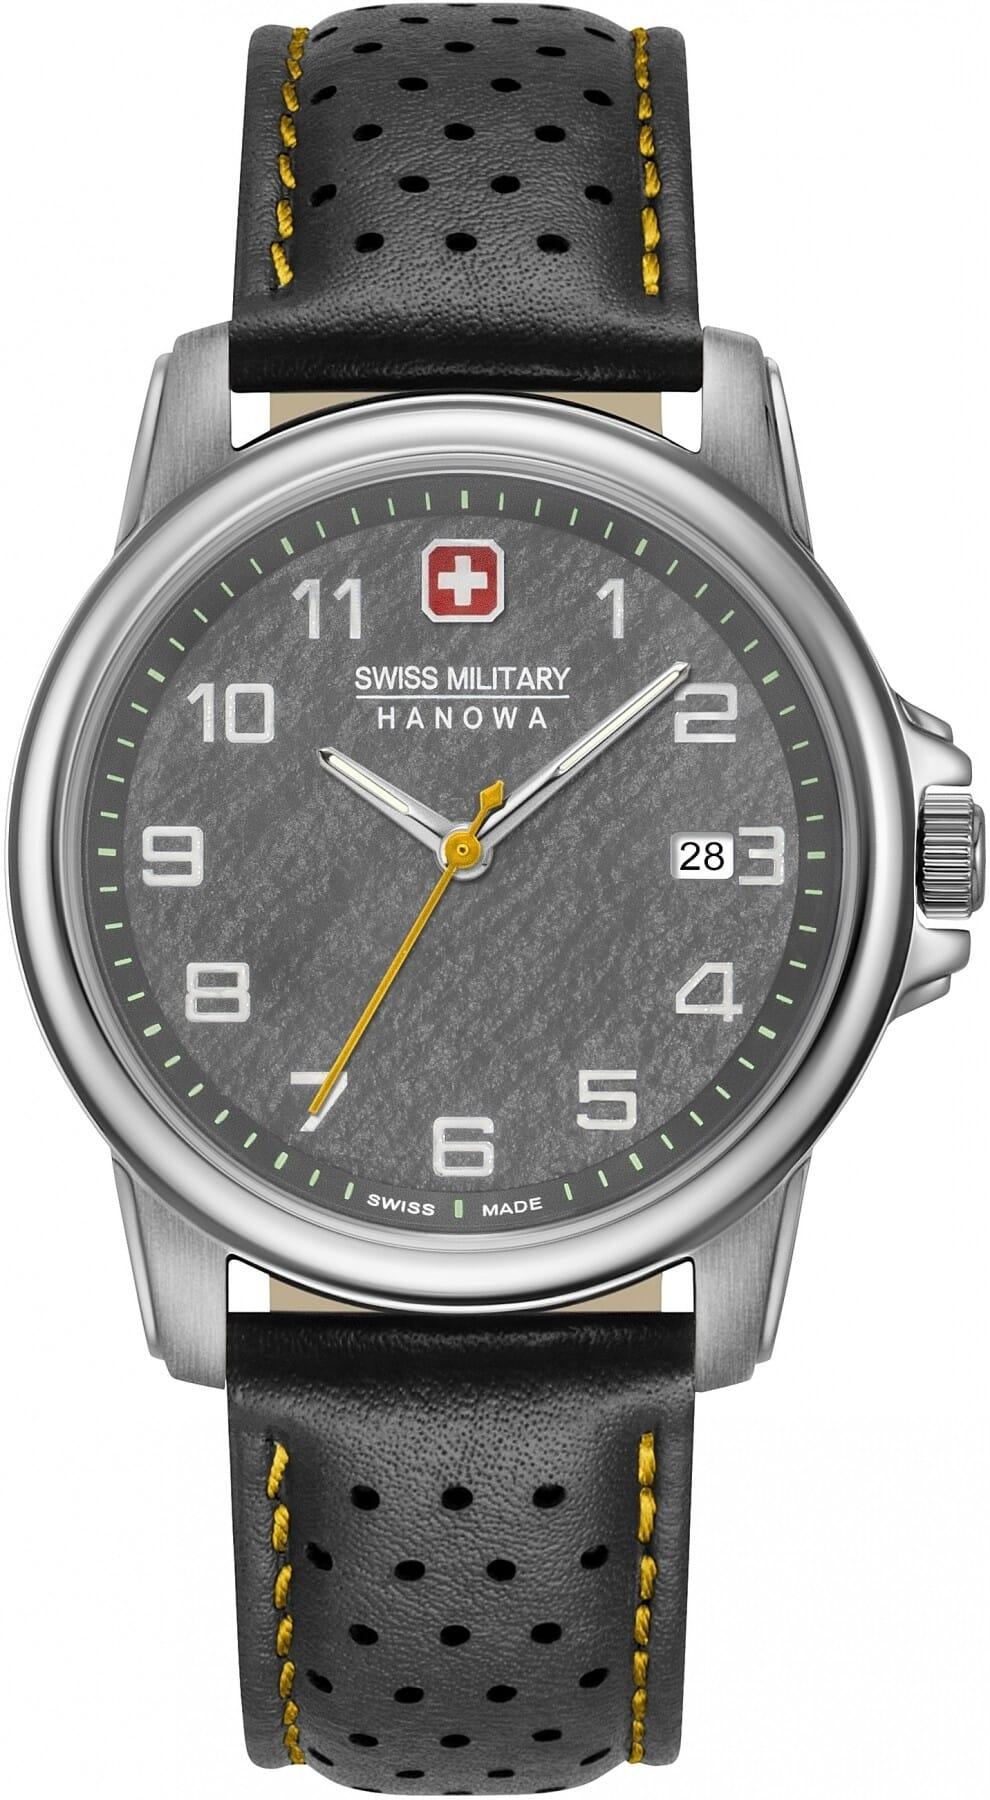 Swiss Military Hanowa 06-4231.7.04.009